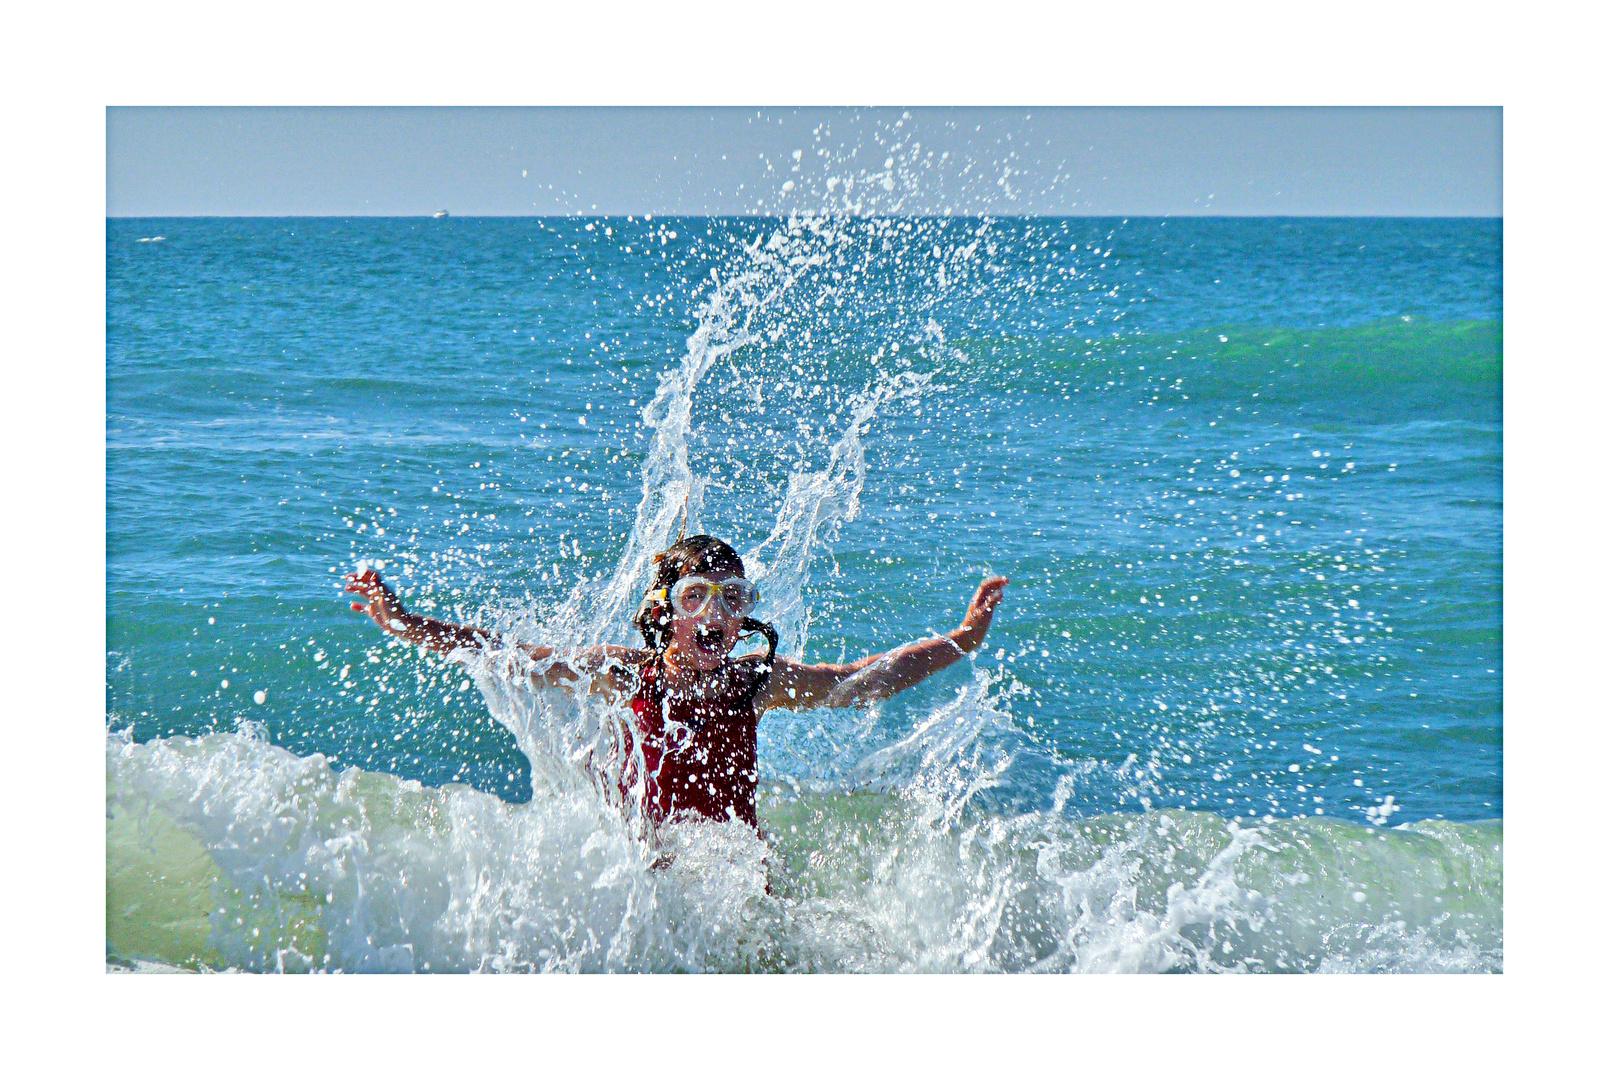 Ach Du Schreck, 'ne große Welle - doch Töchterchen ist gleich zur Stelle!